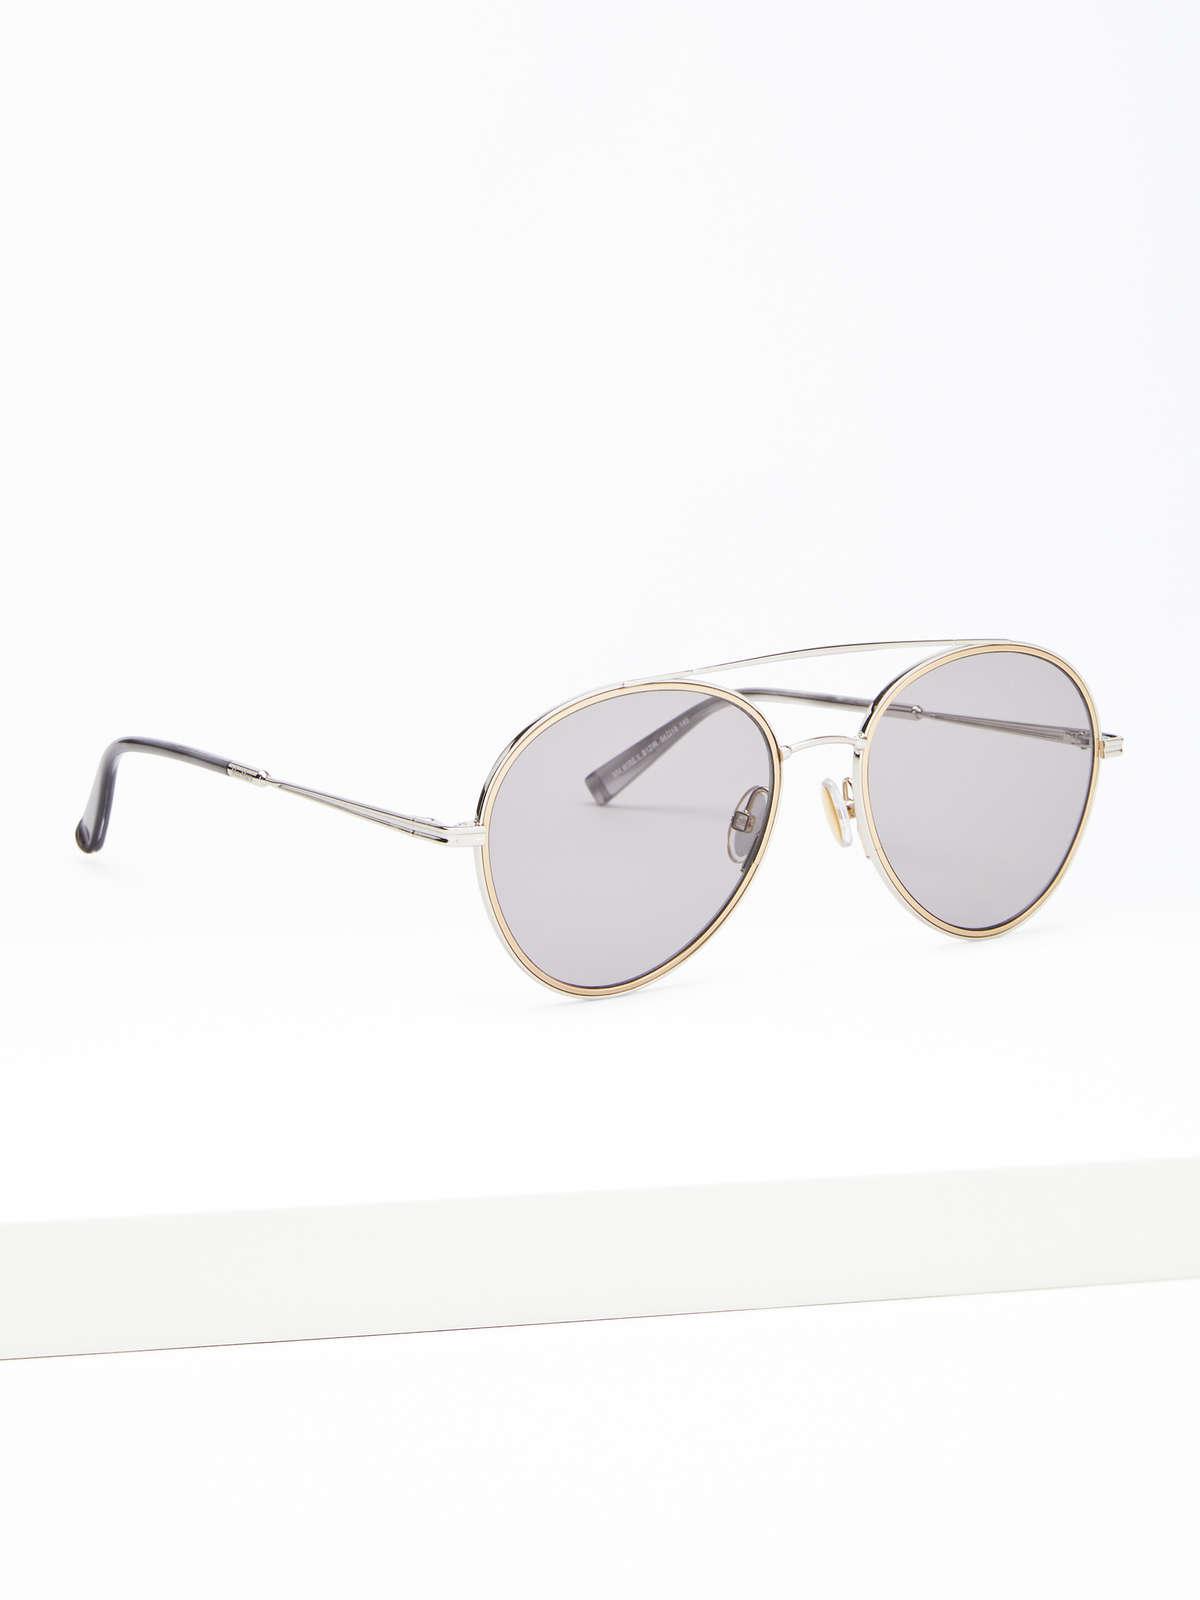 Max Mara - Schmale Piloten-Sonnenbrille - 2